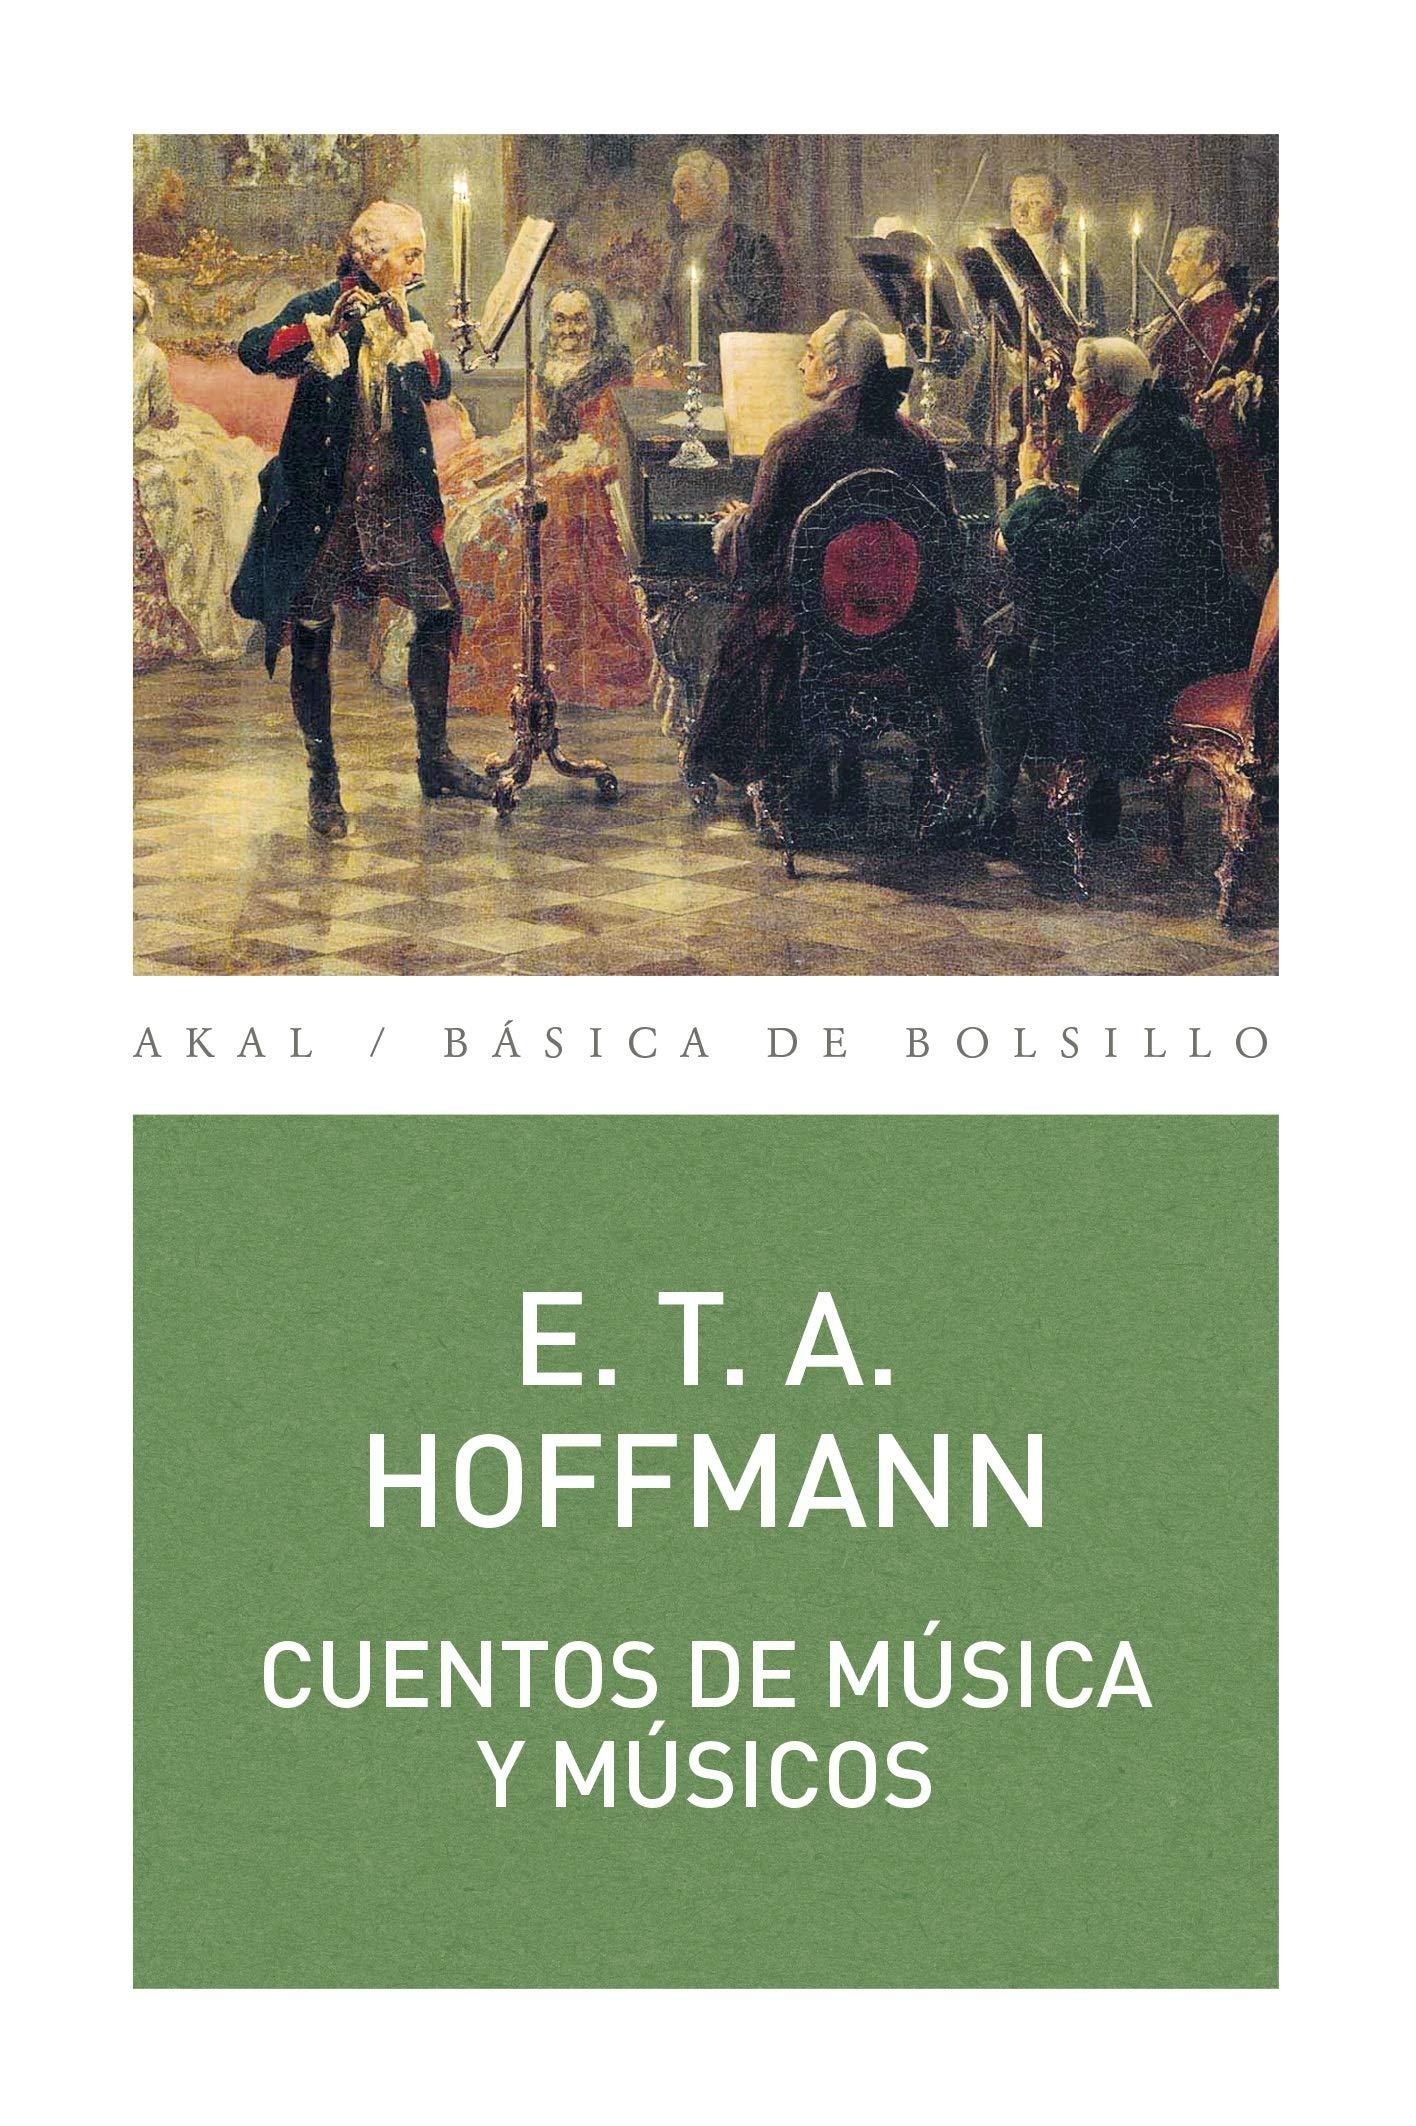 Cuentos de música y músicos: 264 (Básica de Bolsillo): Amazon.es ...